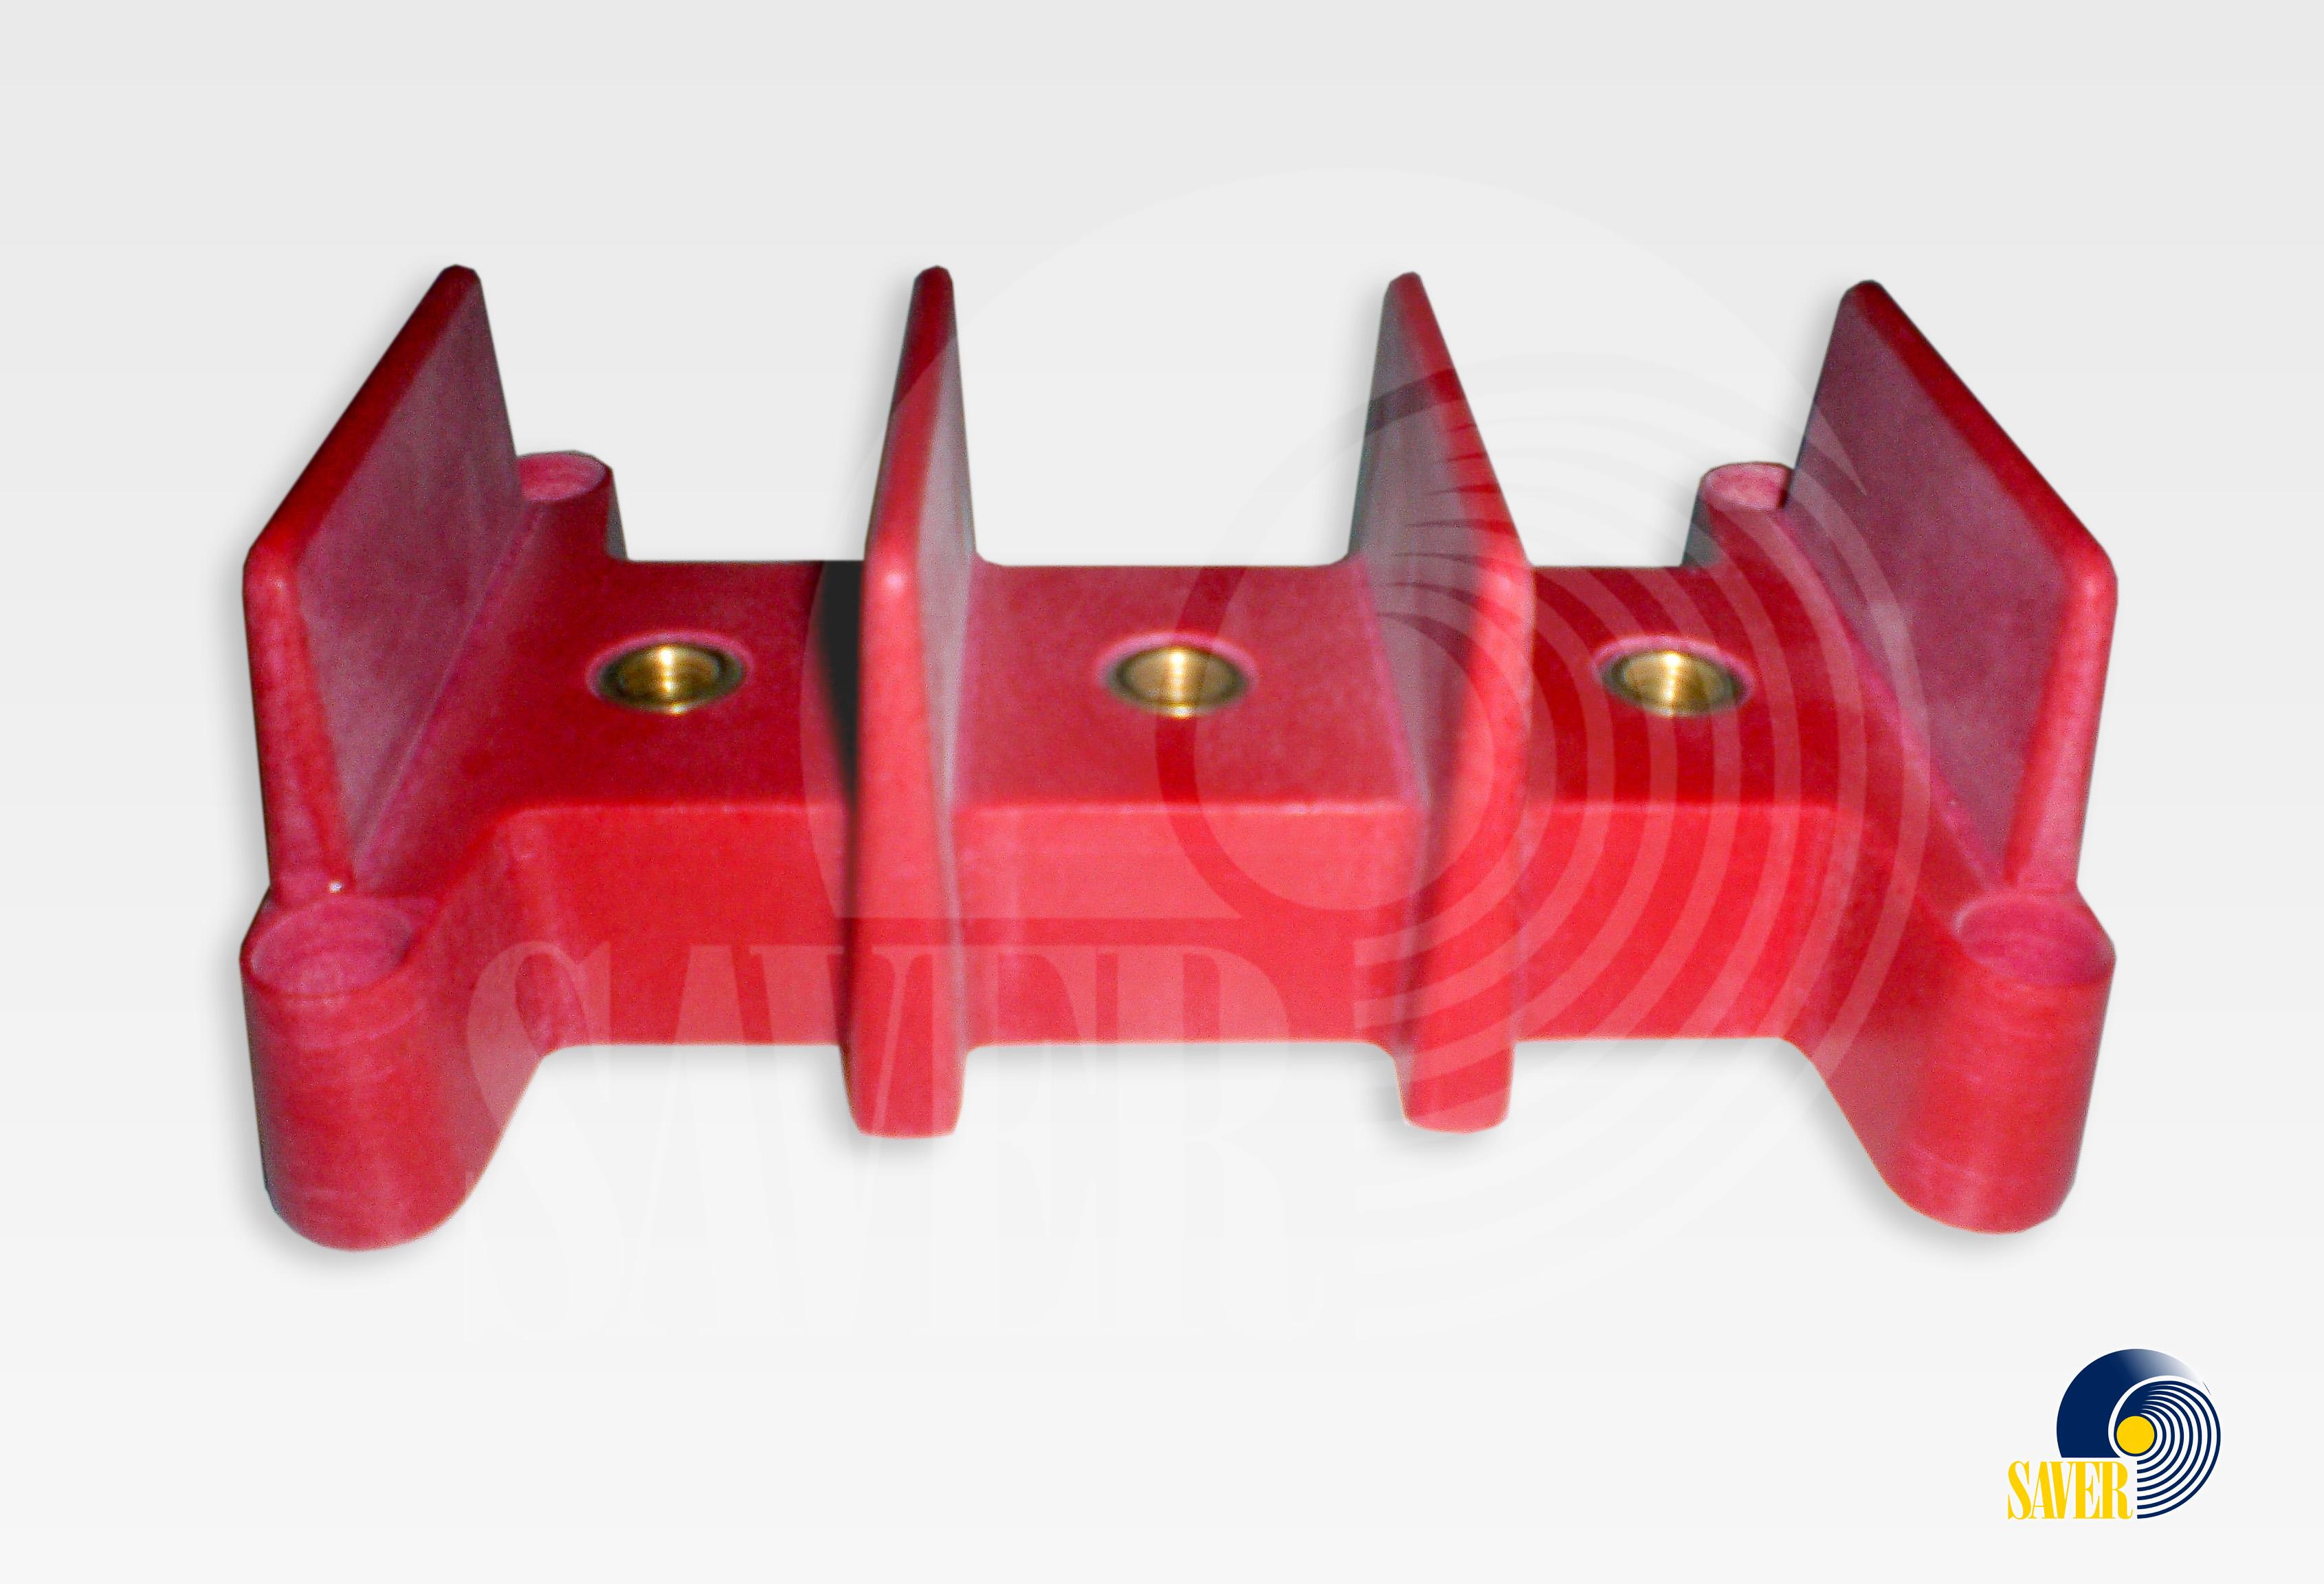 Листовые ламинаты, изготовленные на основе стекломата и полиэфирной смолы- SAVER Alumen